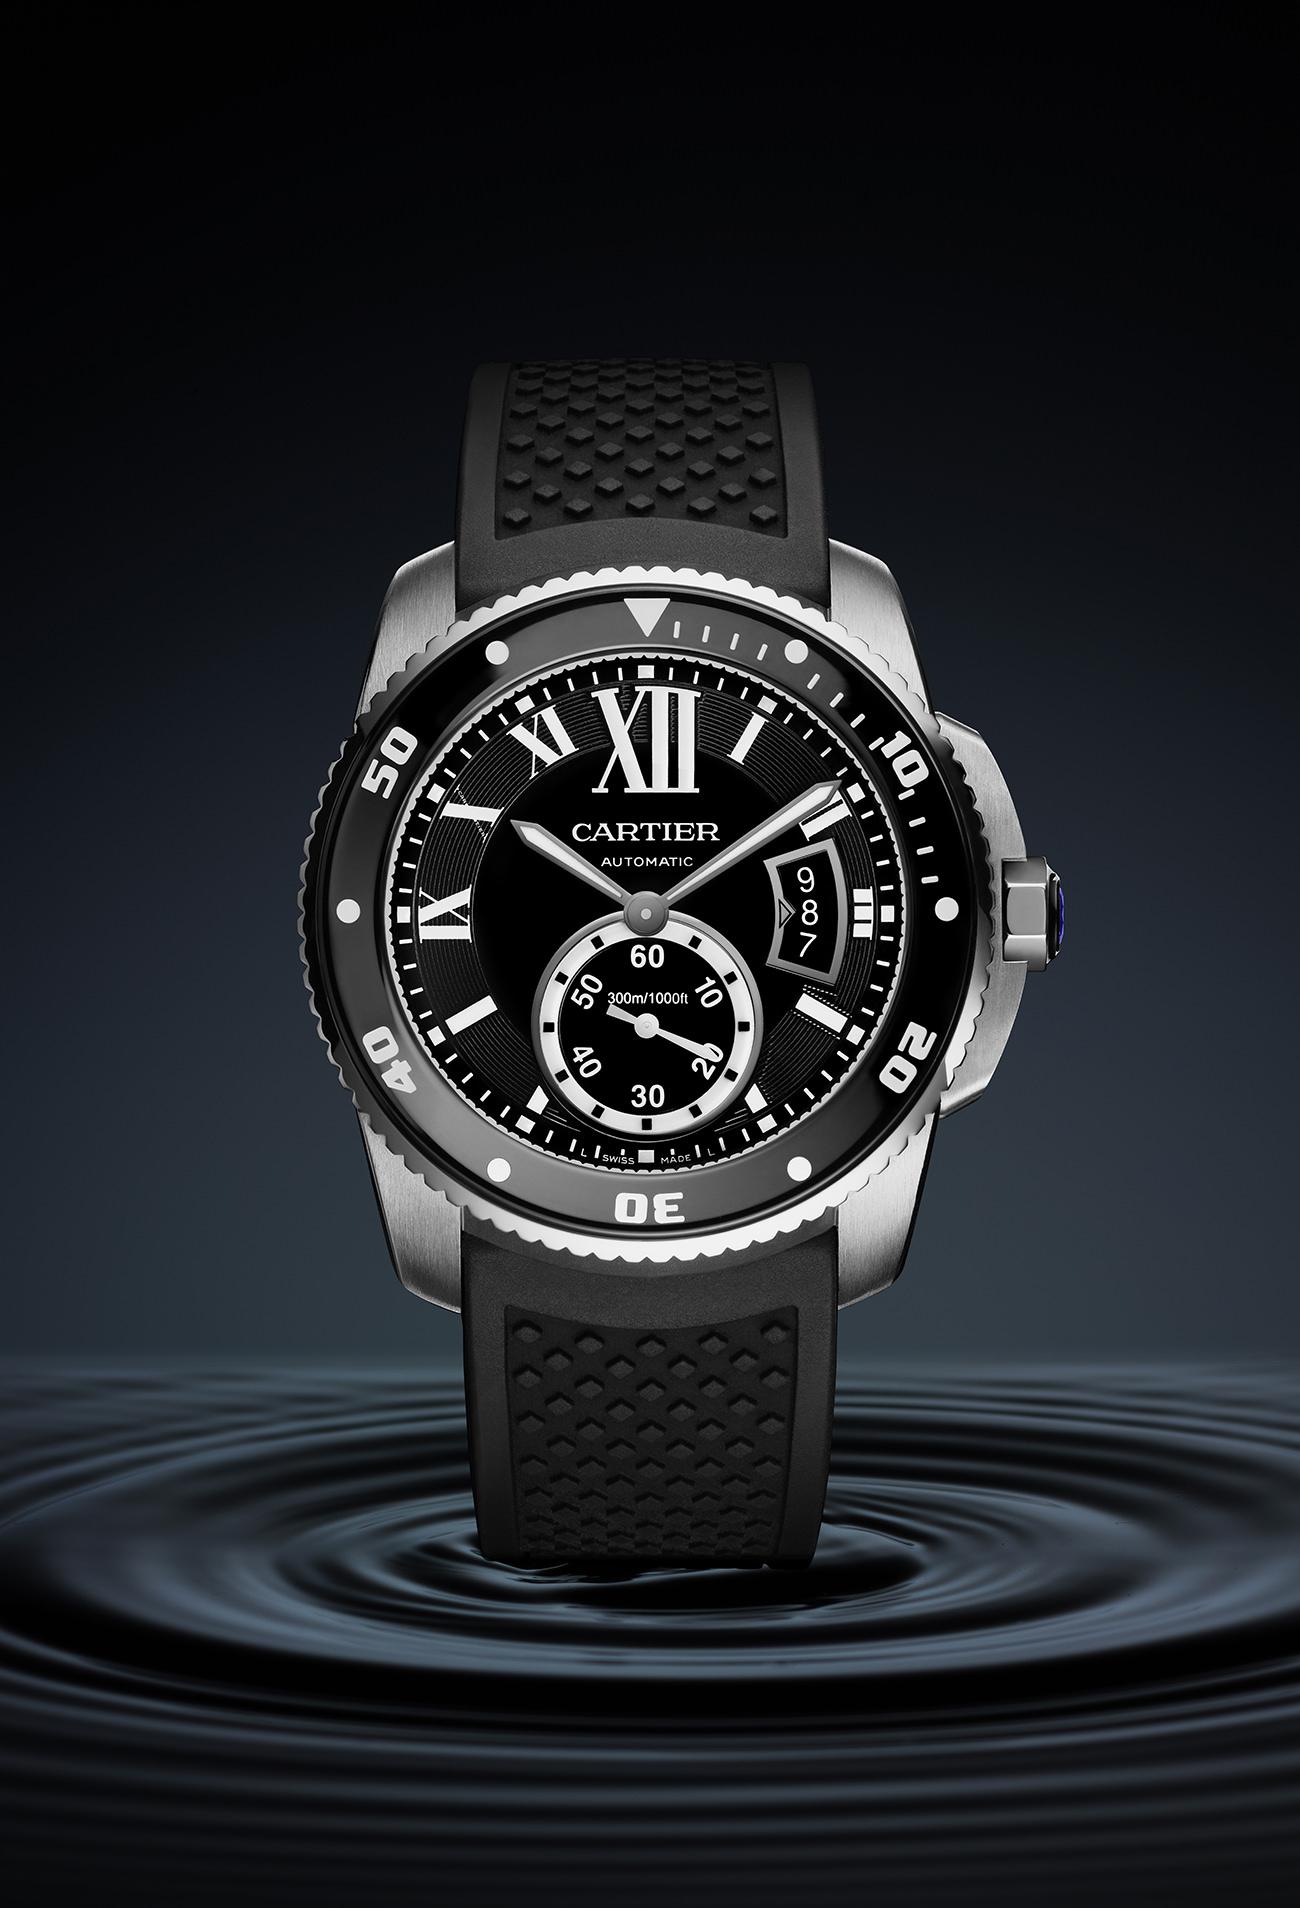 Calibre-Cartier-Diver-4